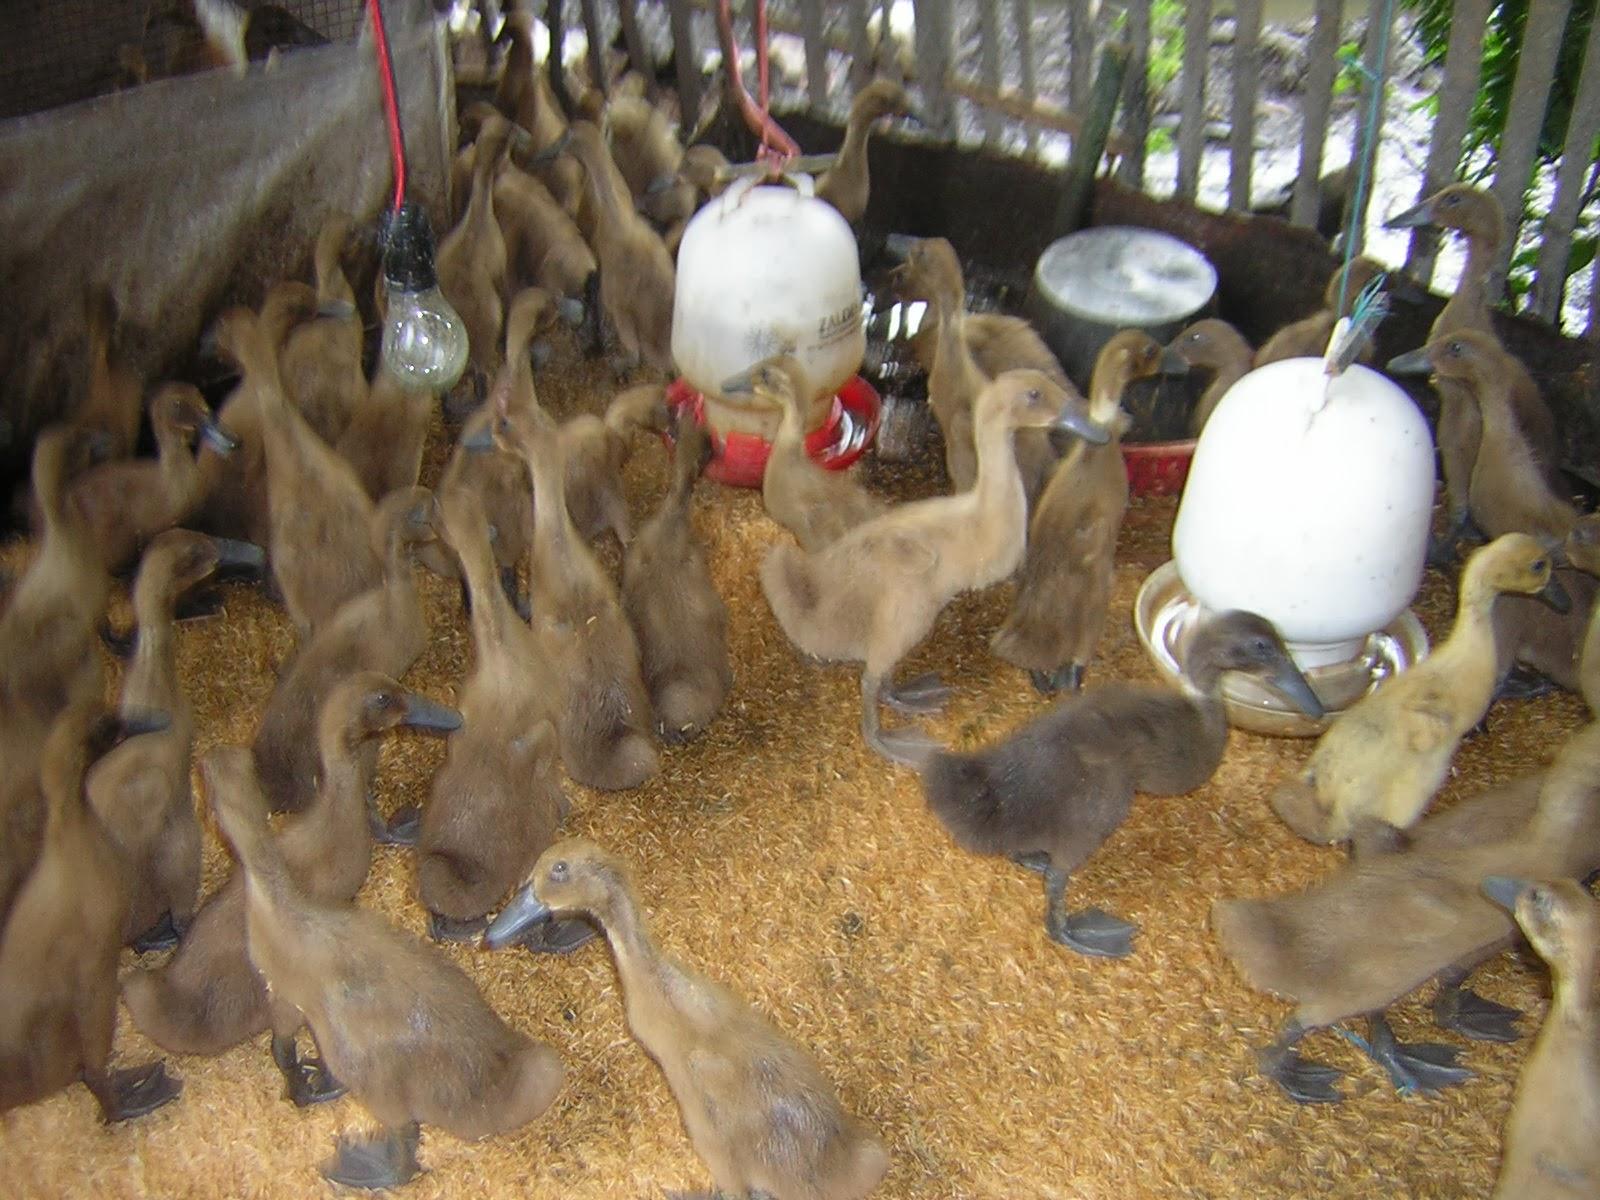 ternak itik petelur unggul images | ternak kenari, ternak kambing, ternak bebek, ternak lele, budidaya ikan lele, ikan hias, gambar ikan | UsahaTernak